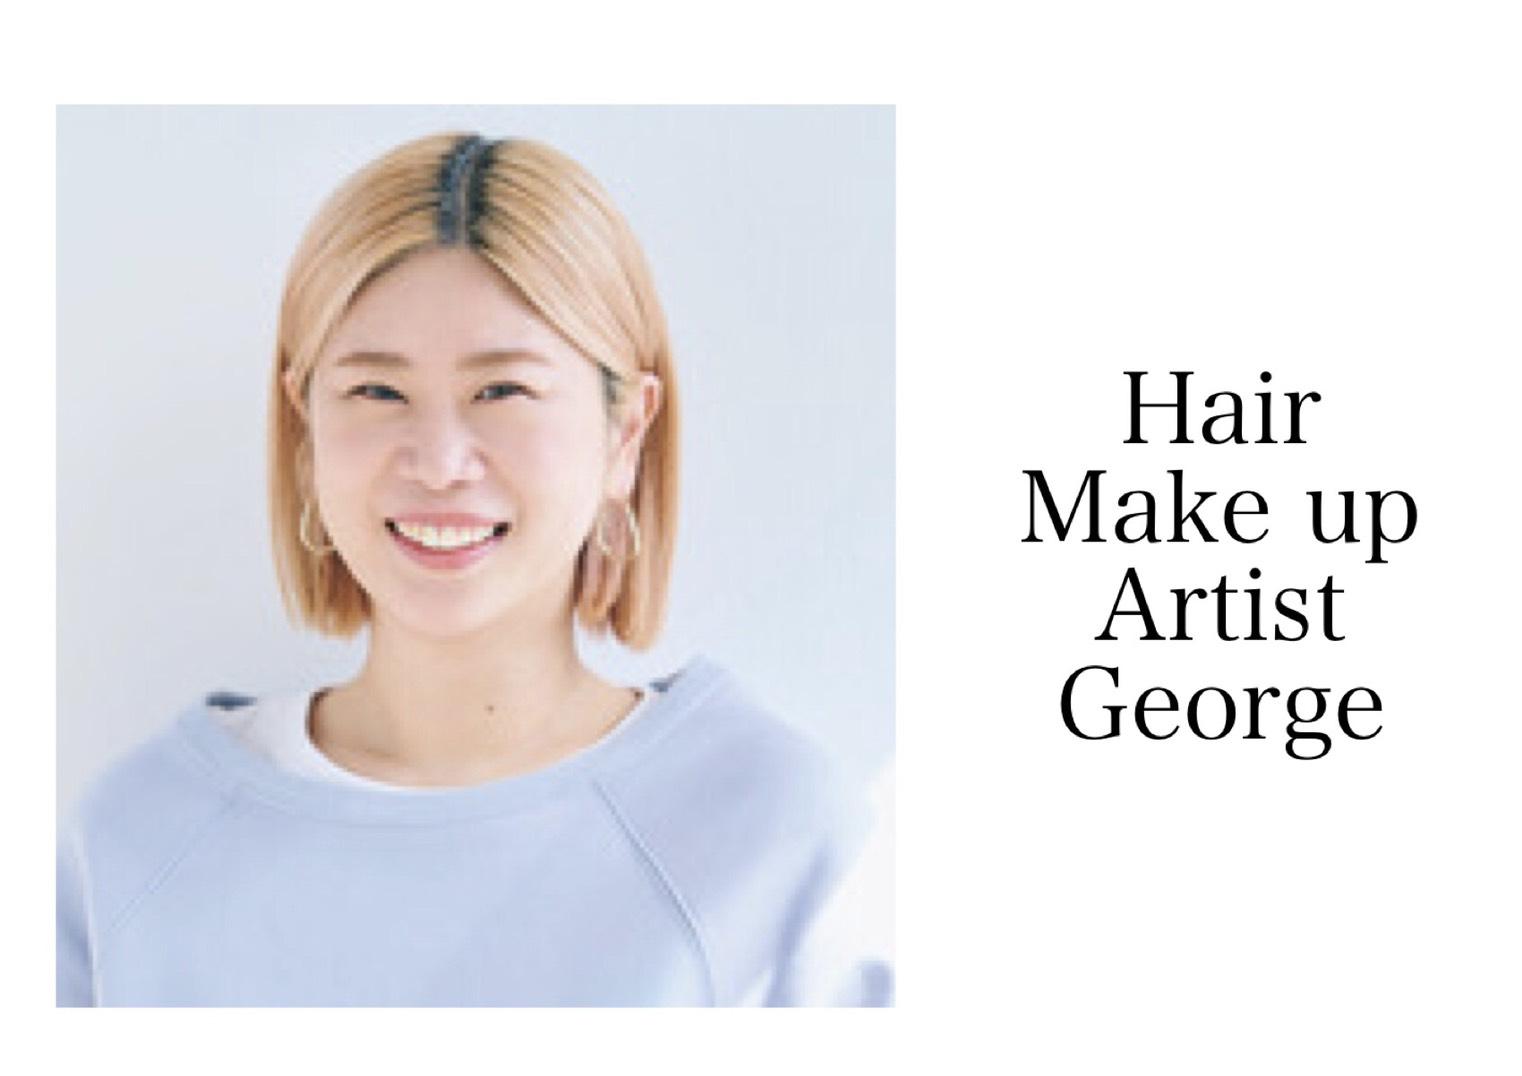 理論と旬のムードを兼ね備えたヘアメークで各方面から引っ張りだこ。情報盛り沢山なSNSにもファン多数。6/15に初の著書『ナチュラルなのに肌がキレイに見える Georgeの透明感メイク(仮)』(インプレス)を発売予定!